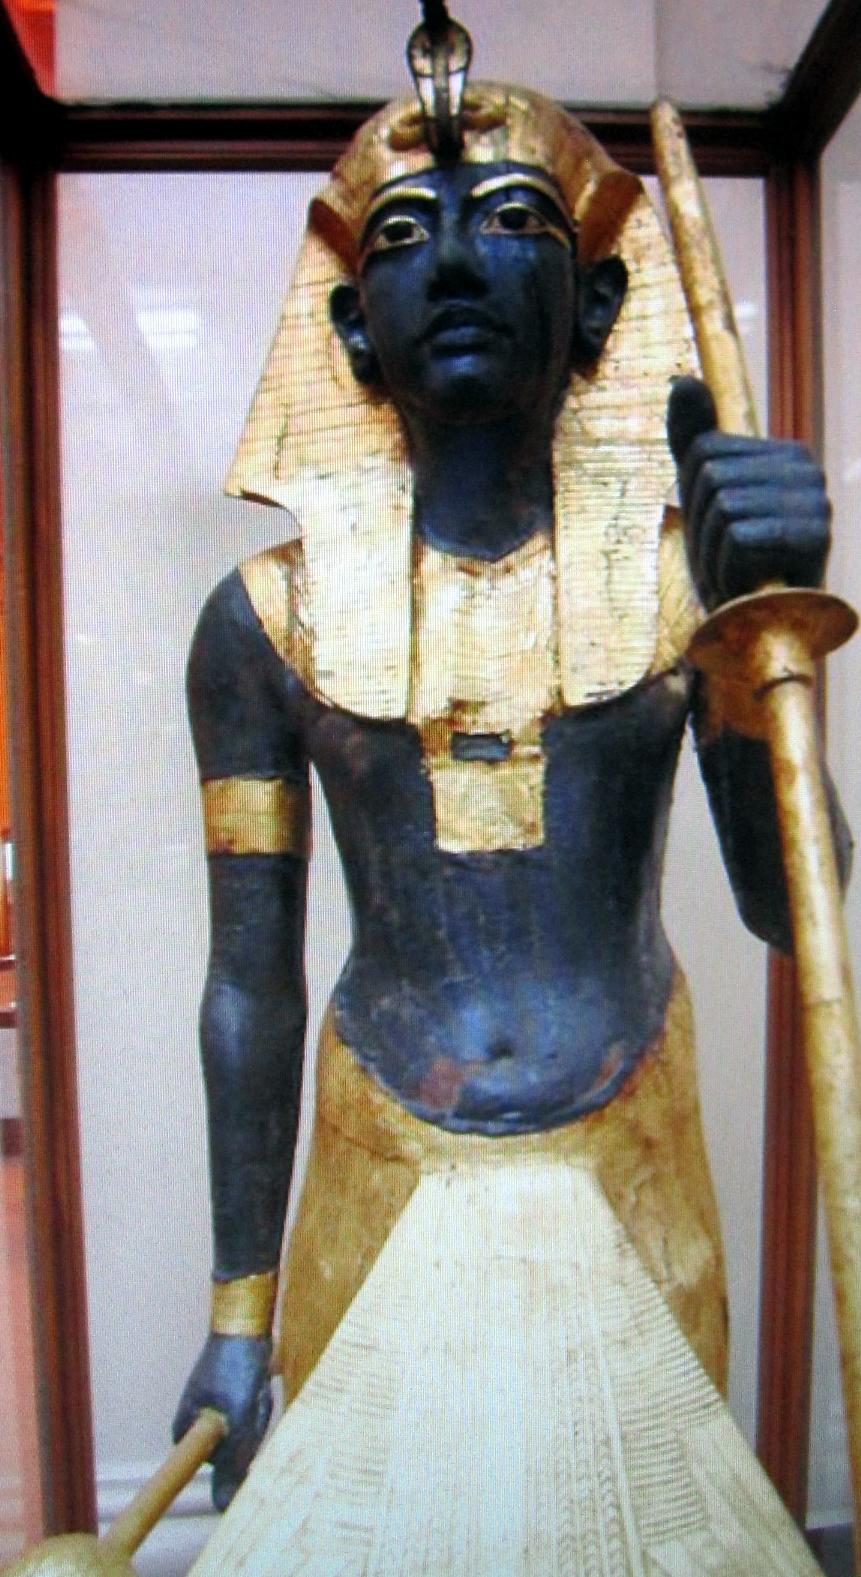 File:King Tutankhamun Guardian Statue.jpg - Wikipedia